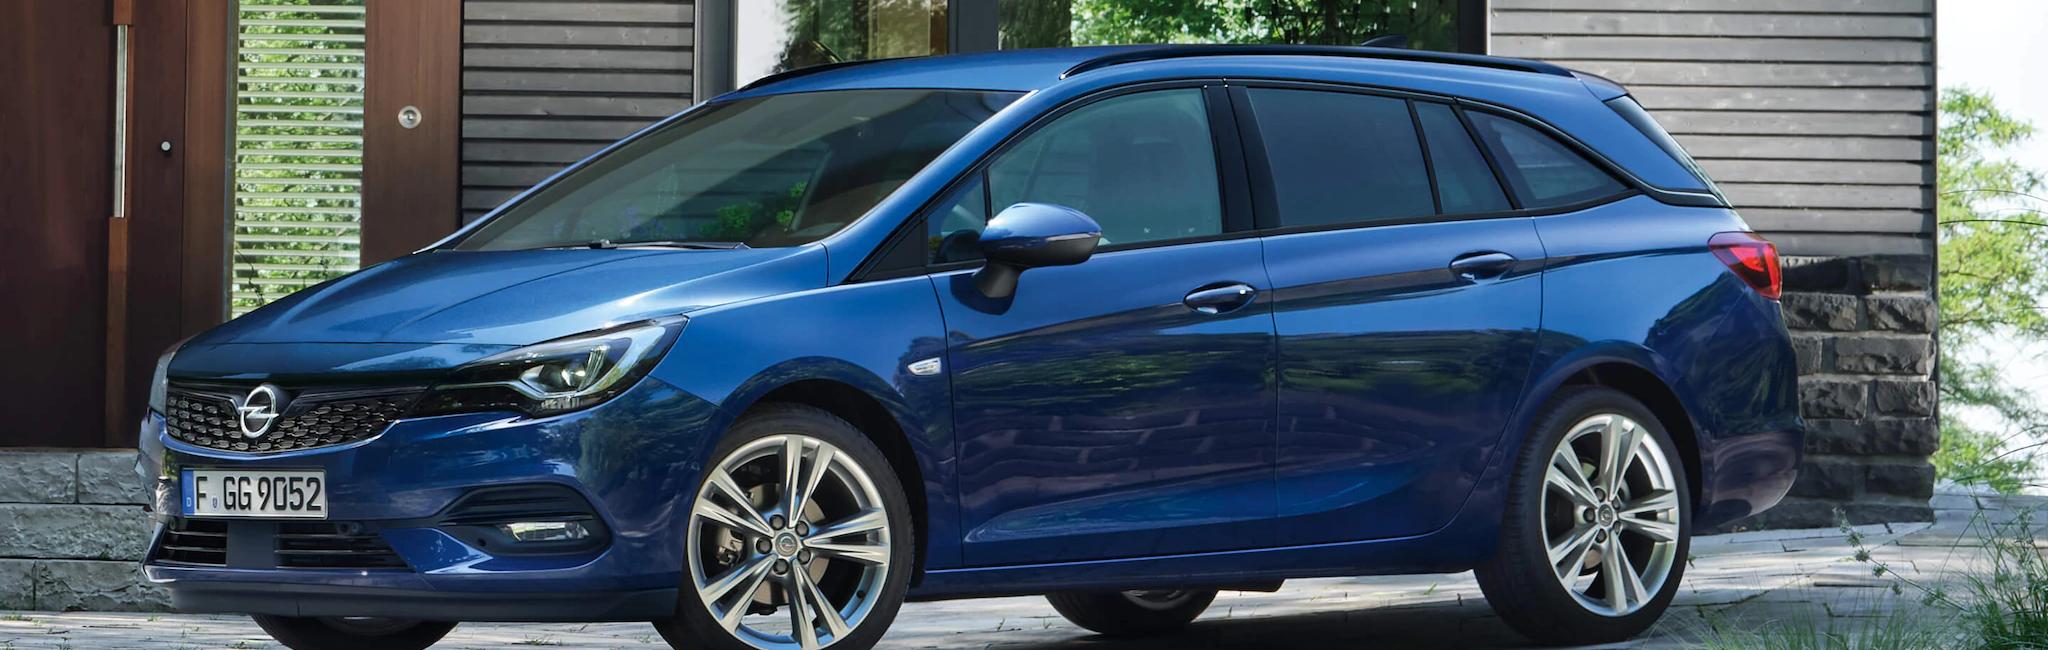 Opel Astra SportsTourer Exterior 21x9 As20 E01 397